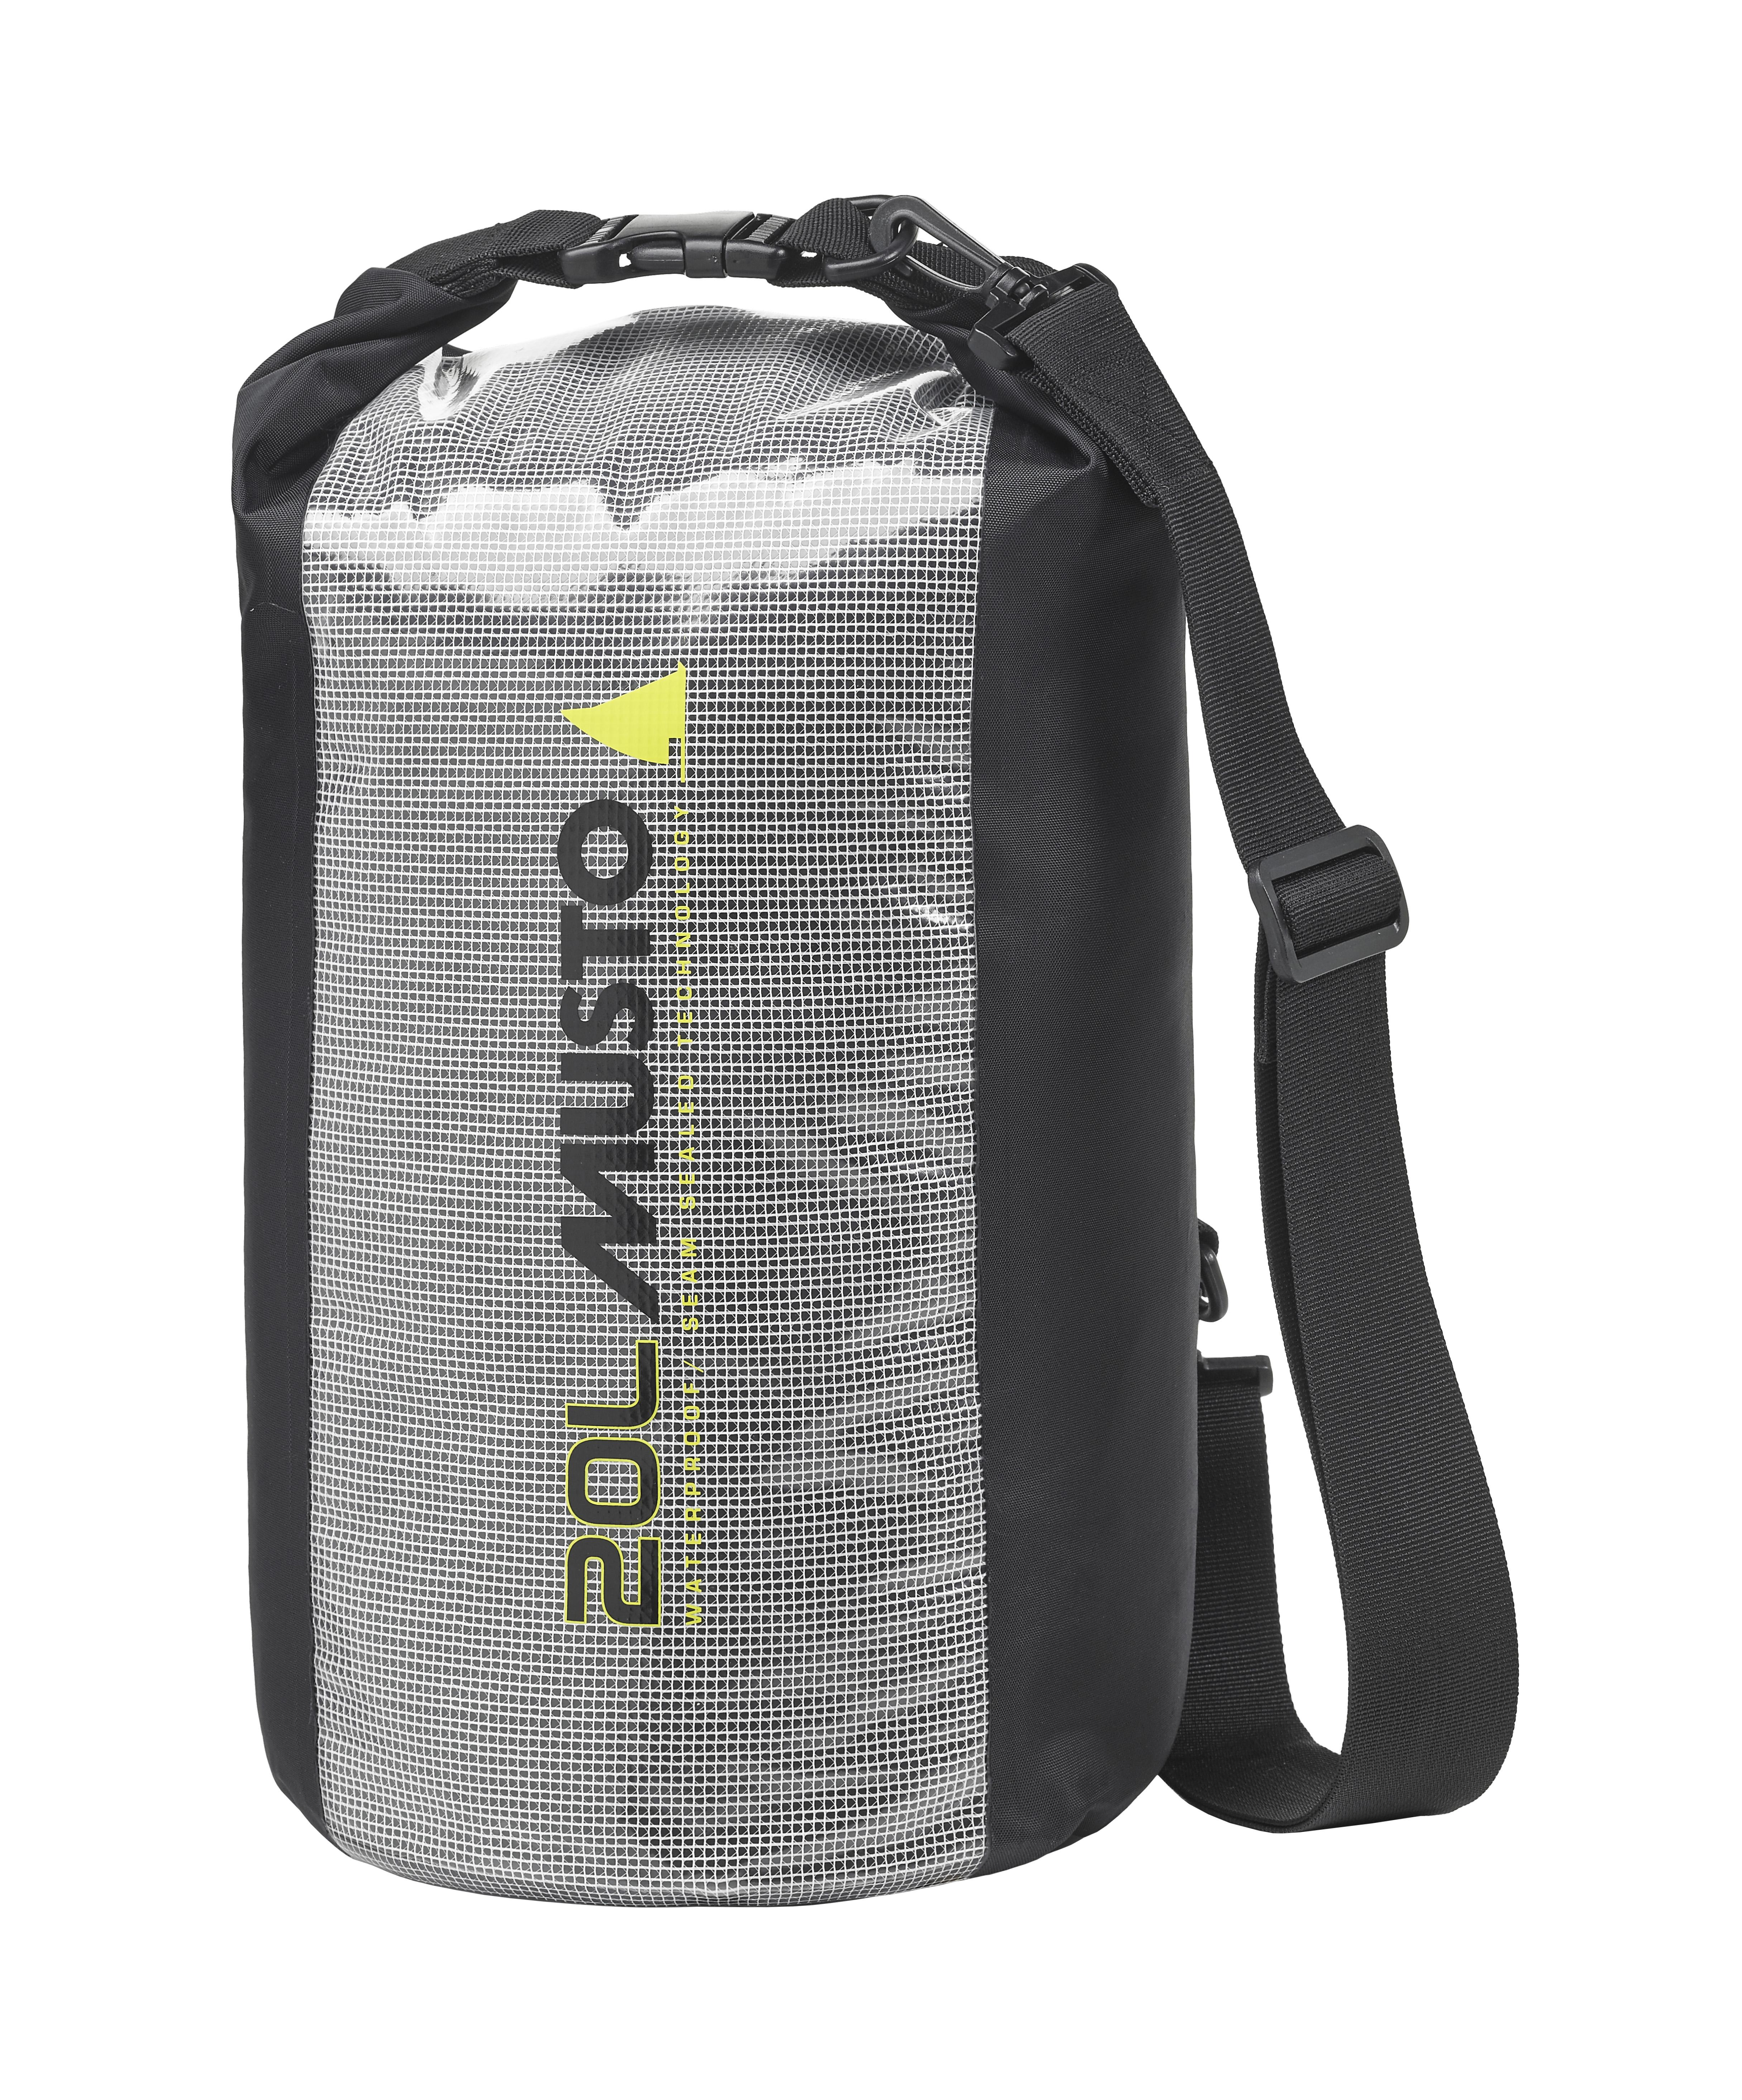 Musto essential vattentät väska svart 20l